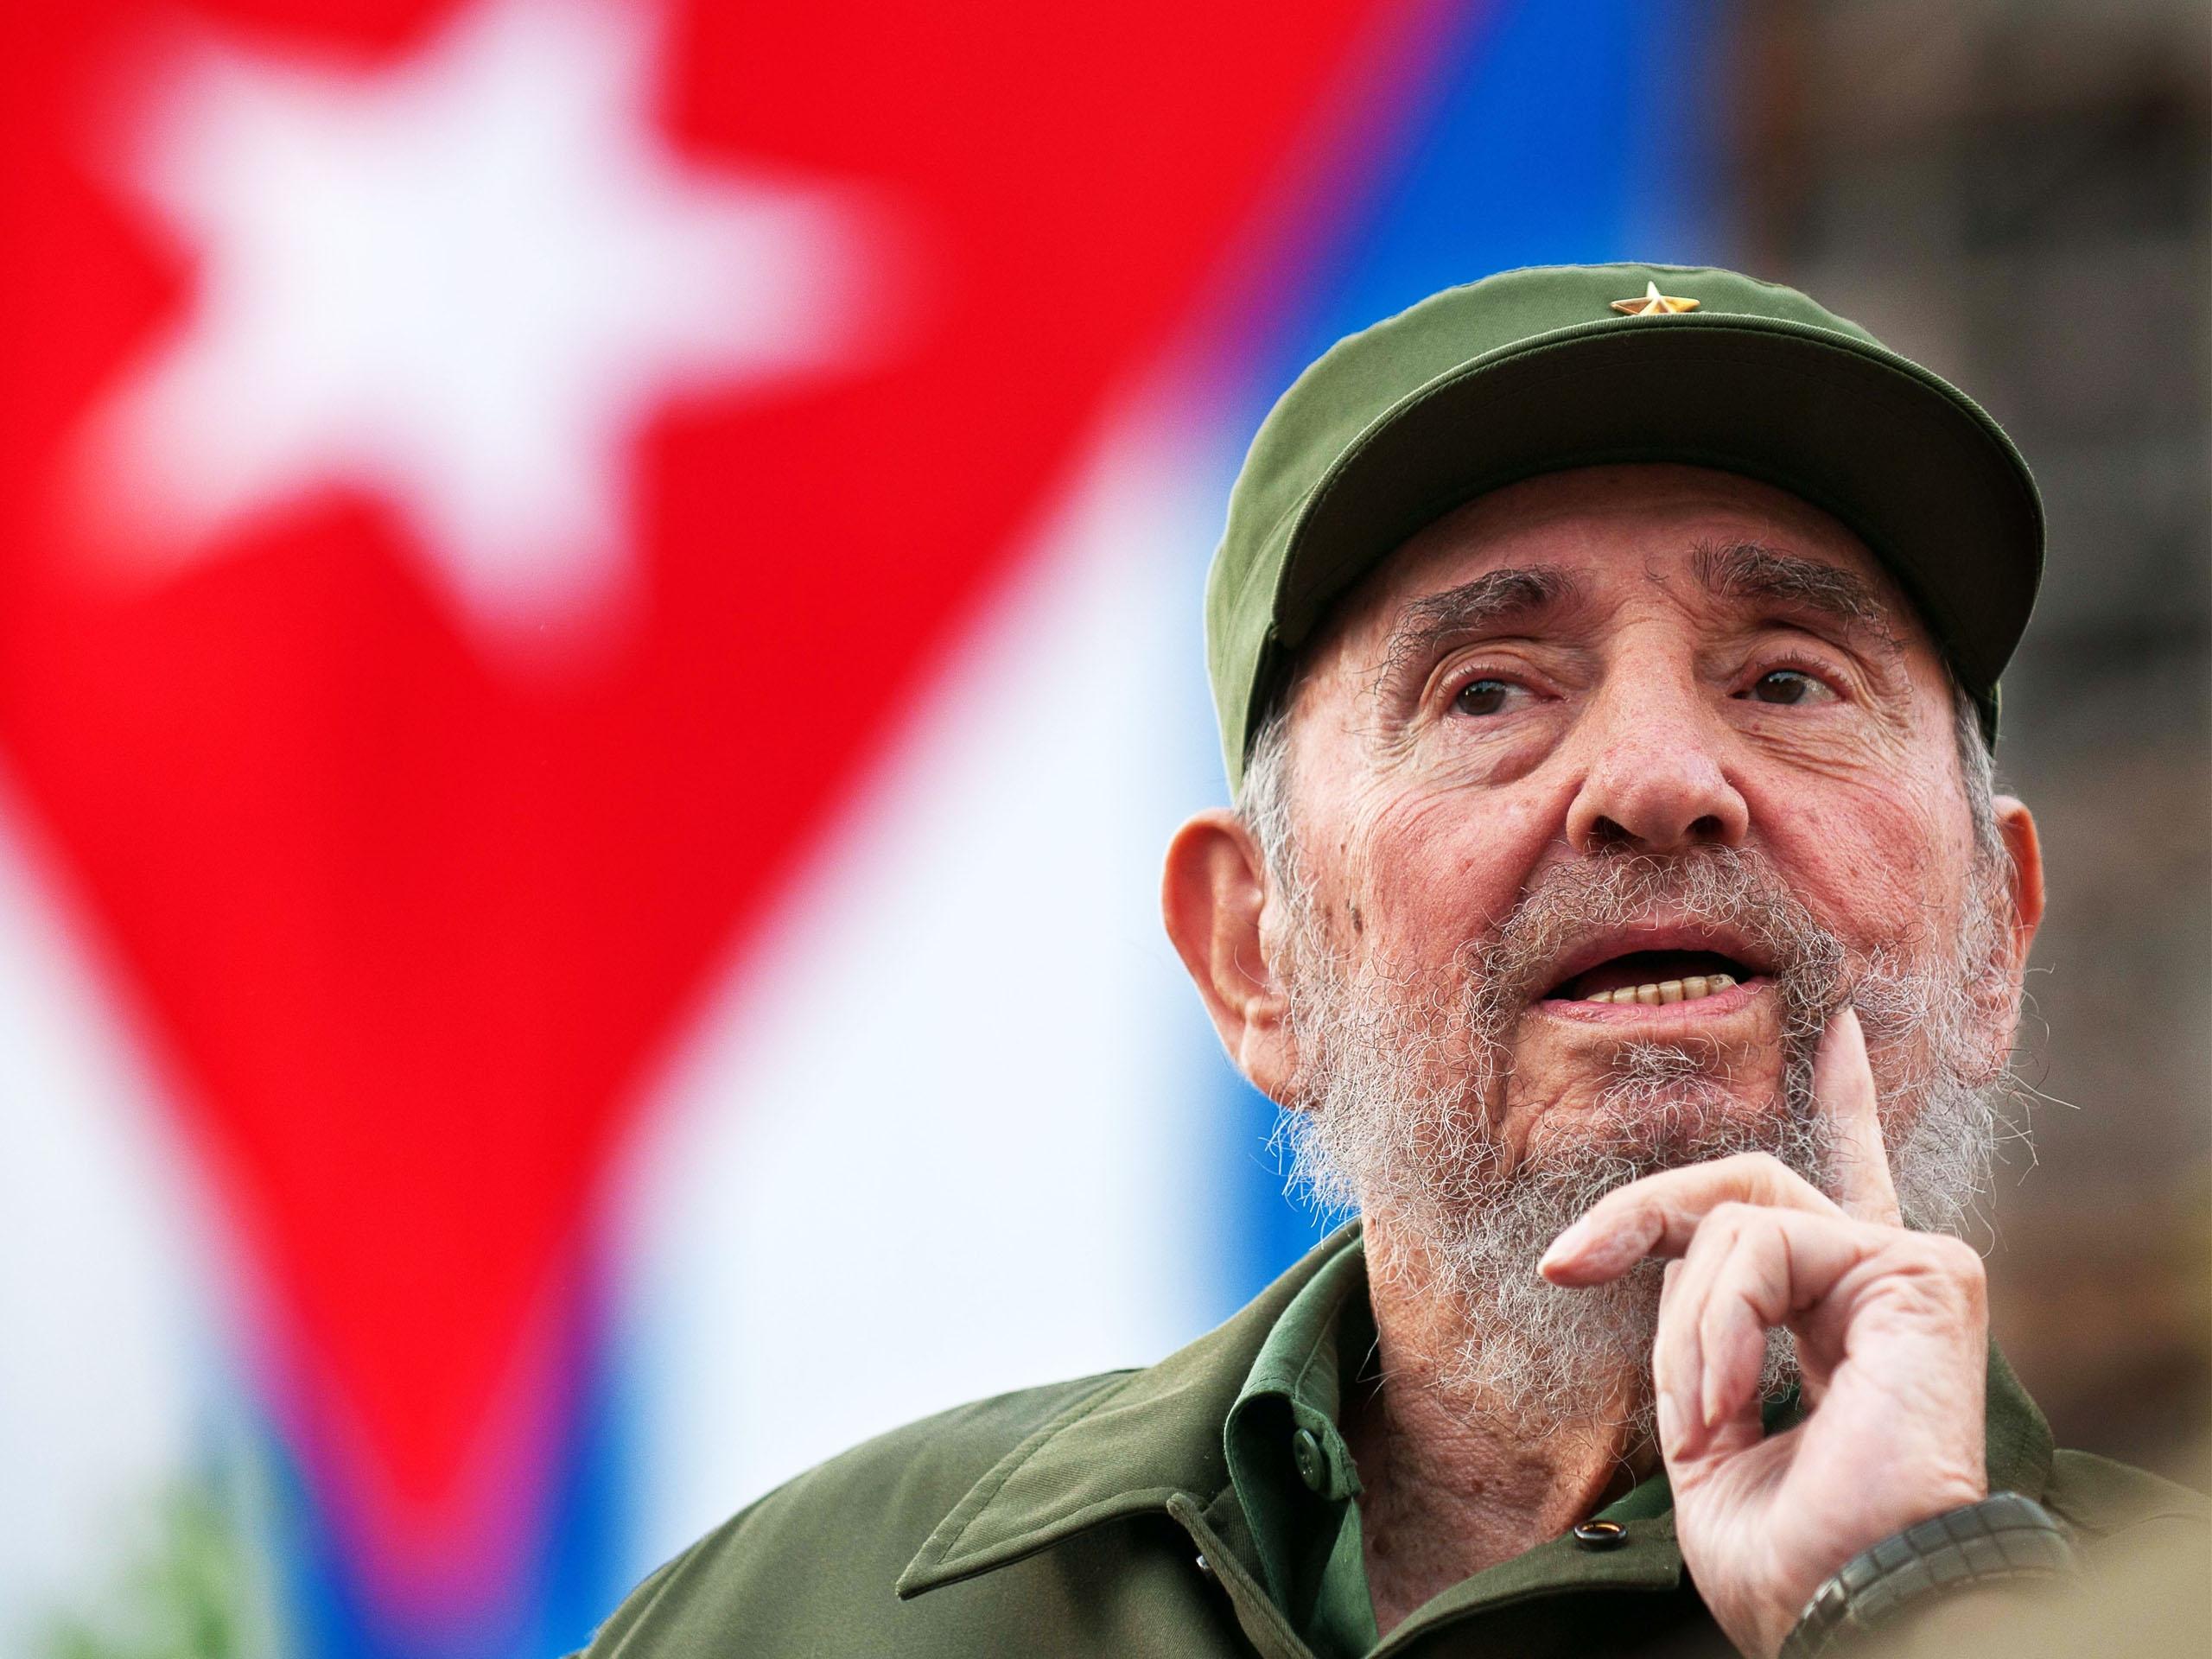 HD Wallpaper of Fidel Castro Wallpaper For, Desktop Wallpaper Fidel Castro Wallpaper For